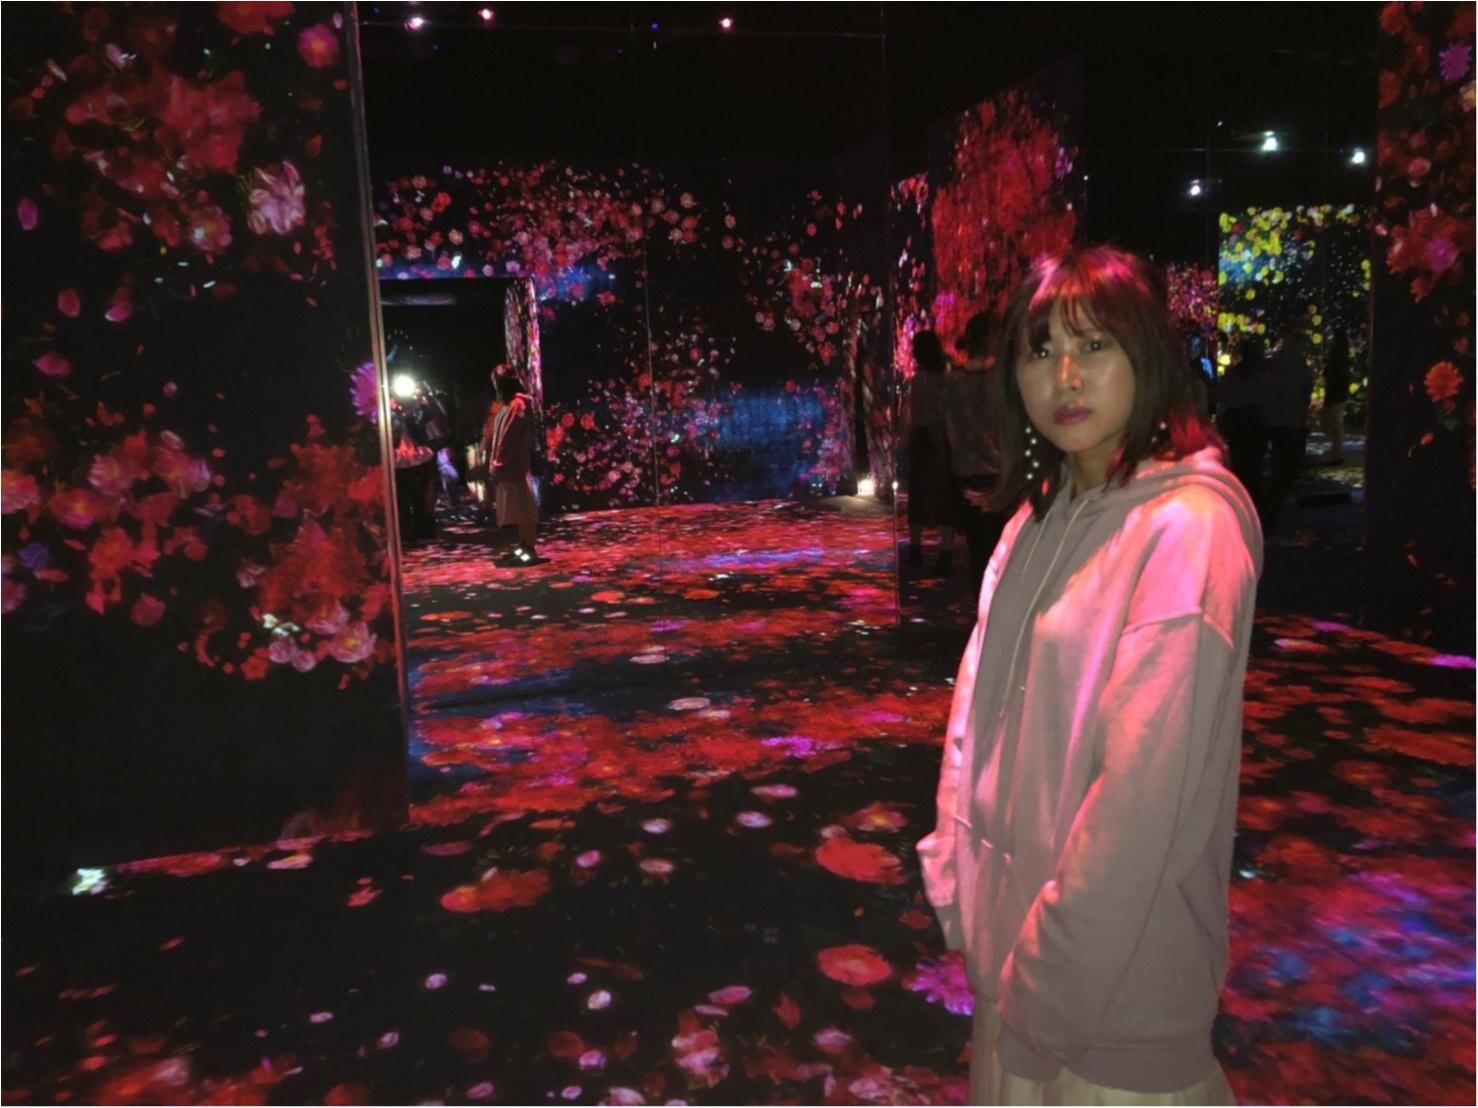 【チームラボ】お台場で開催中『ボーダレス』ランプの森が幻想的すぎる!_11